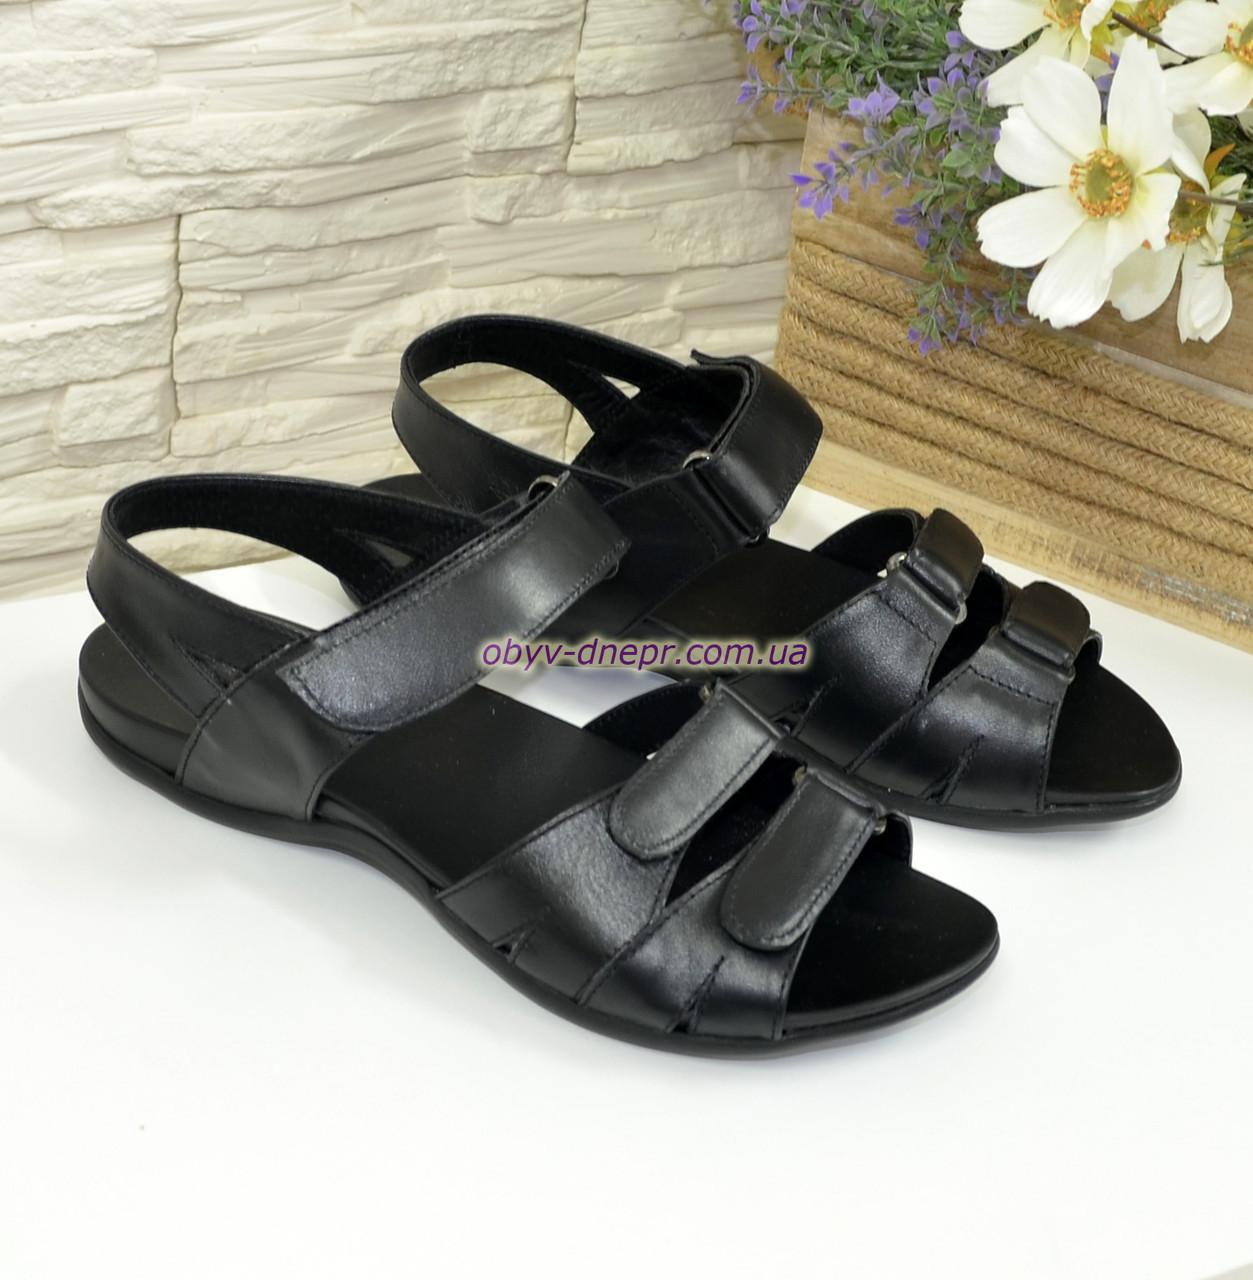 368d99b9eda2 Купить Женские черные босоножки на липучках из натуральной кожи, плоская  подошва ...